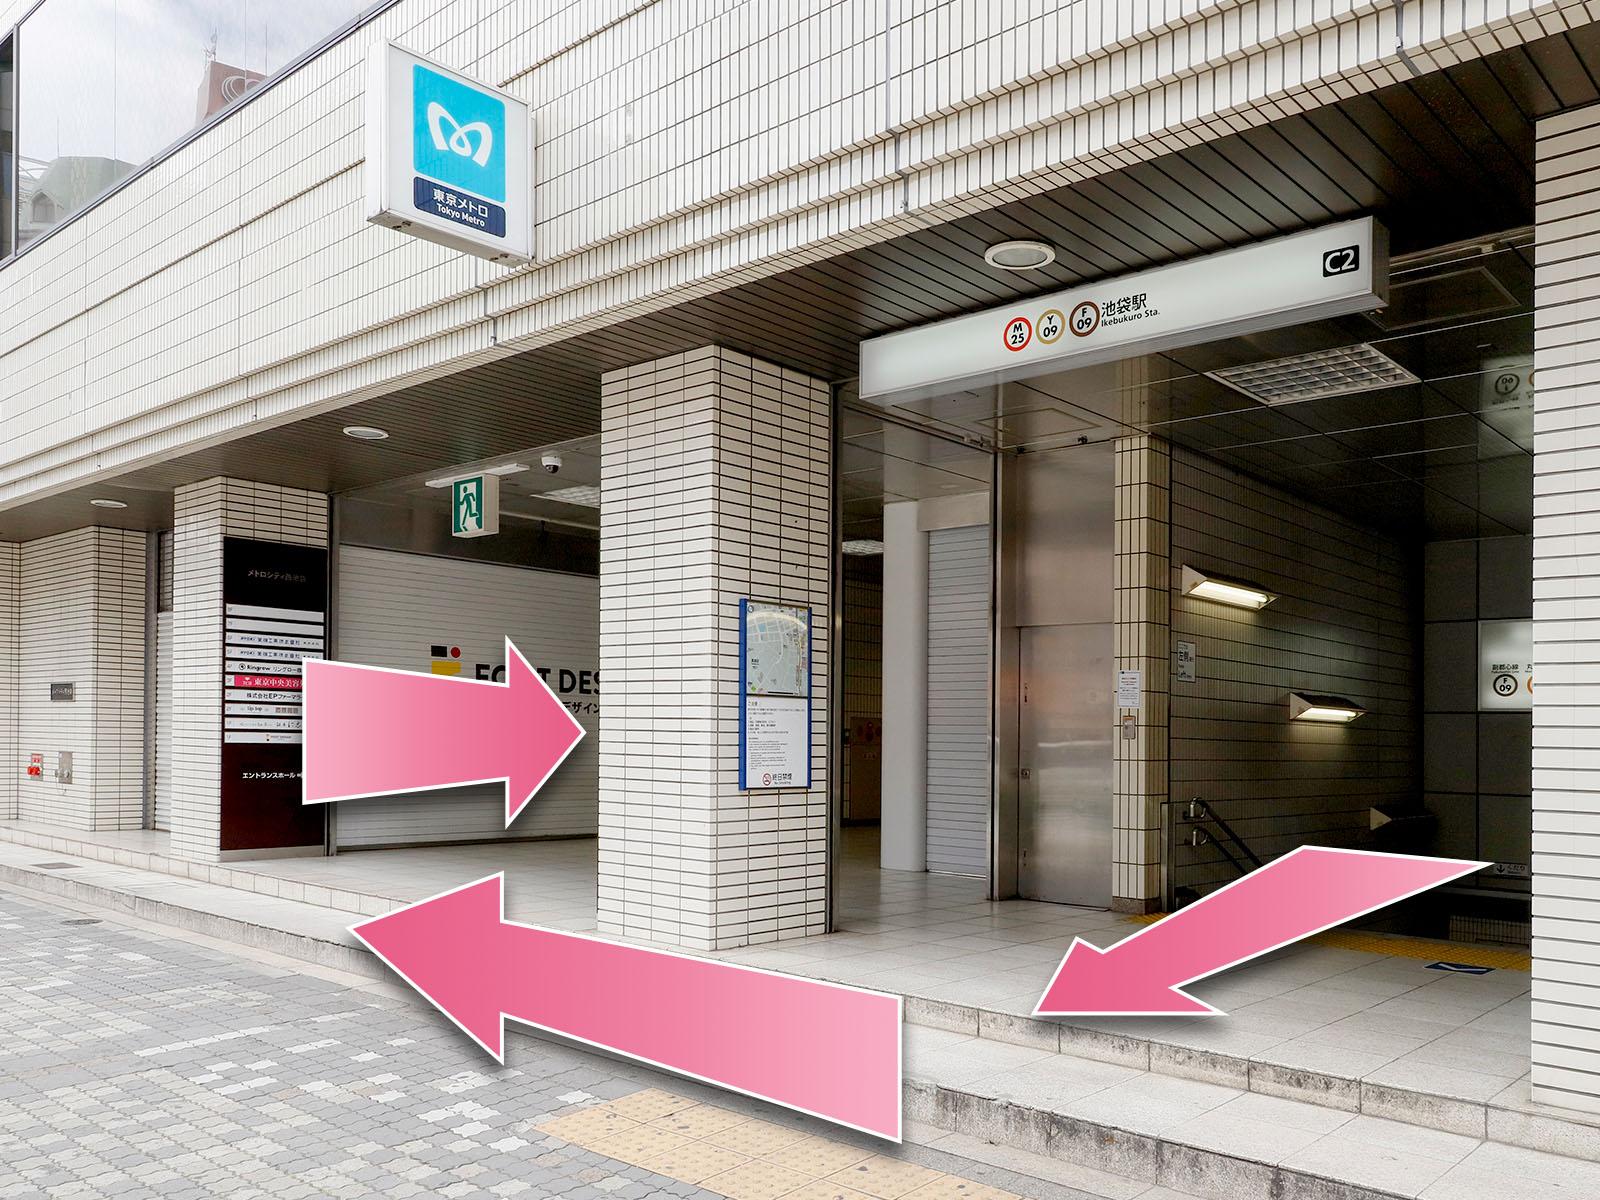 東京中央美容外科池袋西口院C2出口ルート07